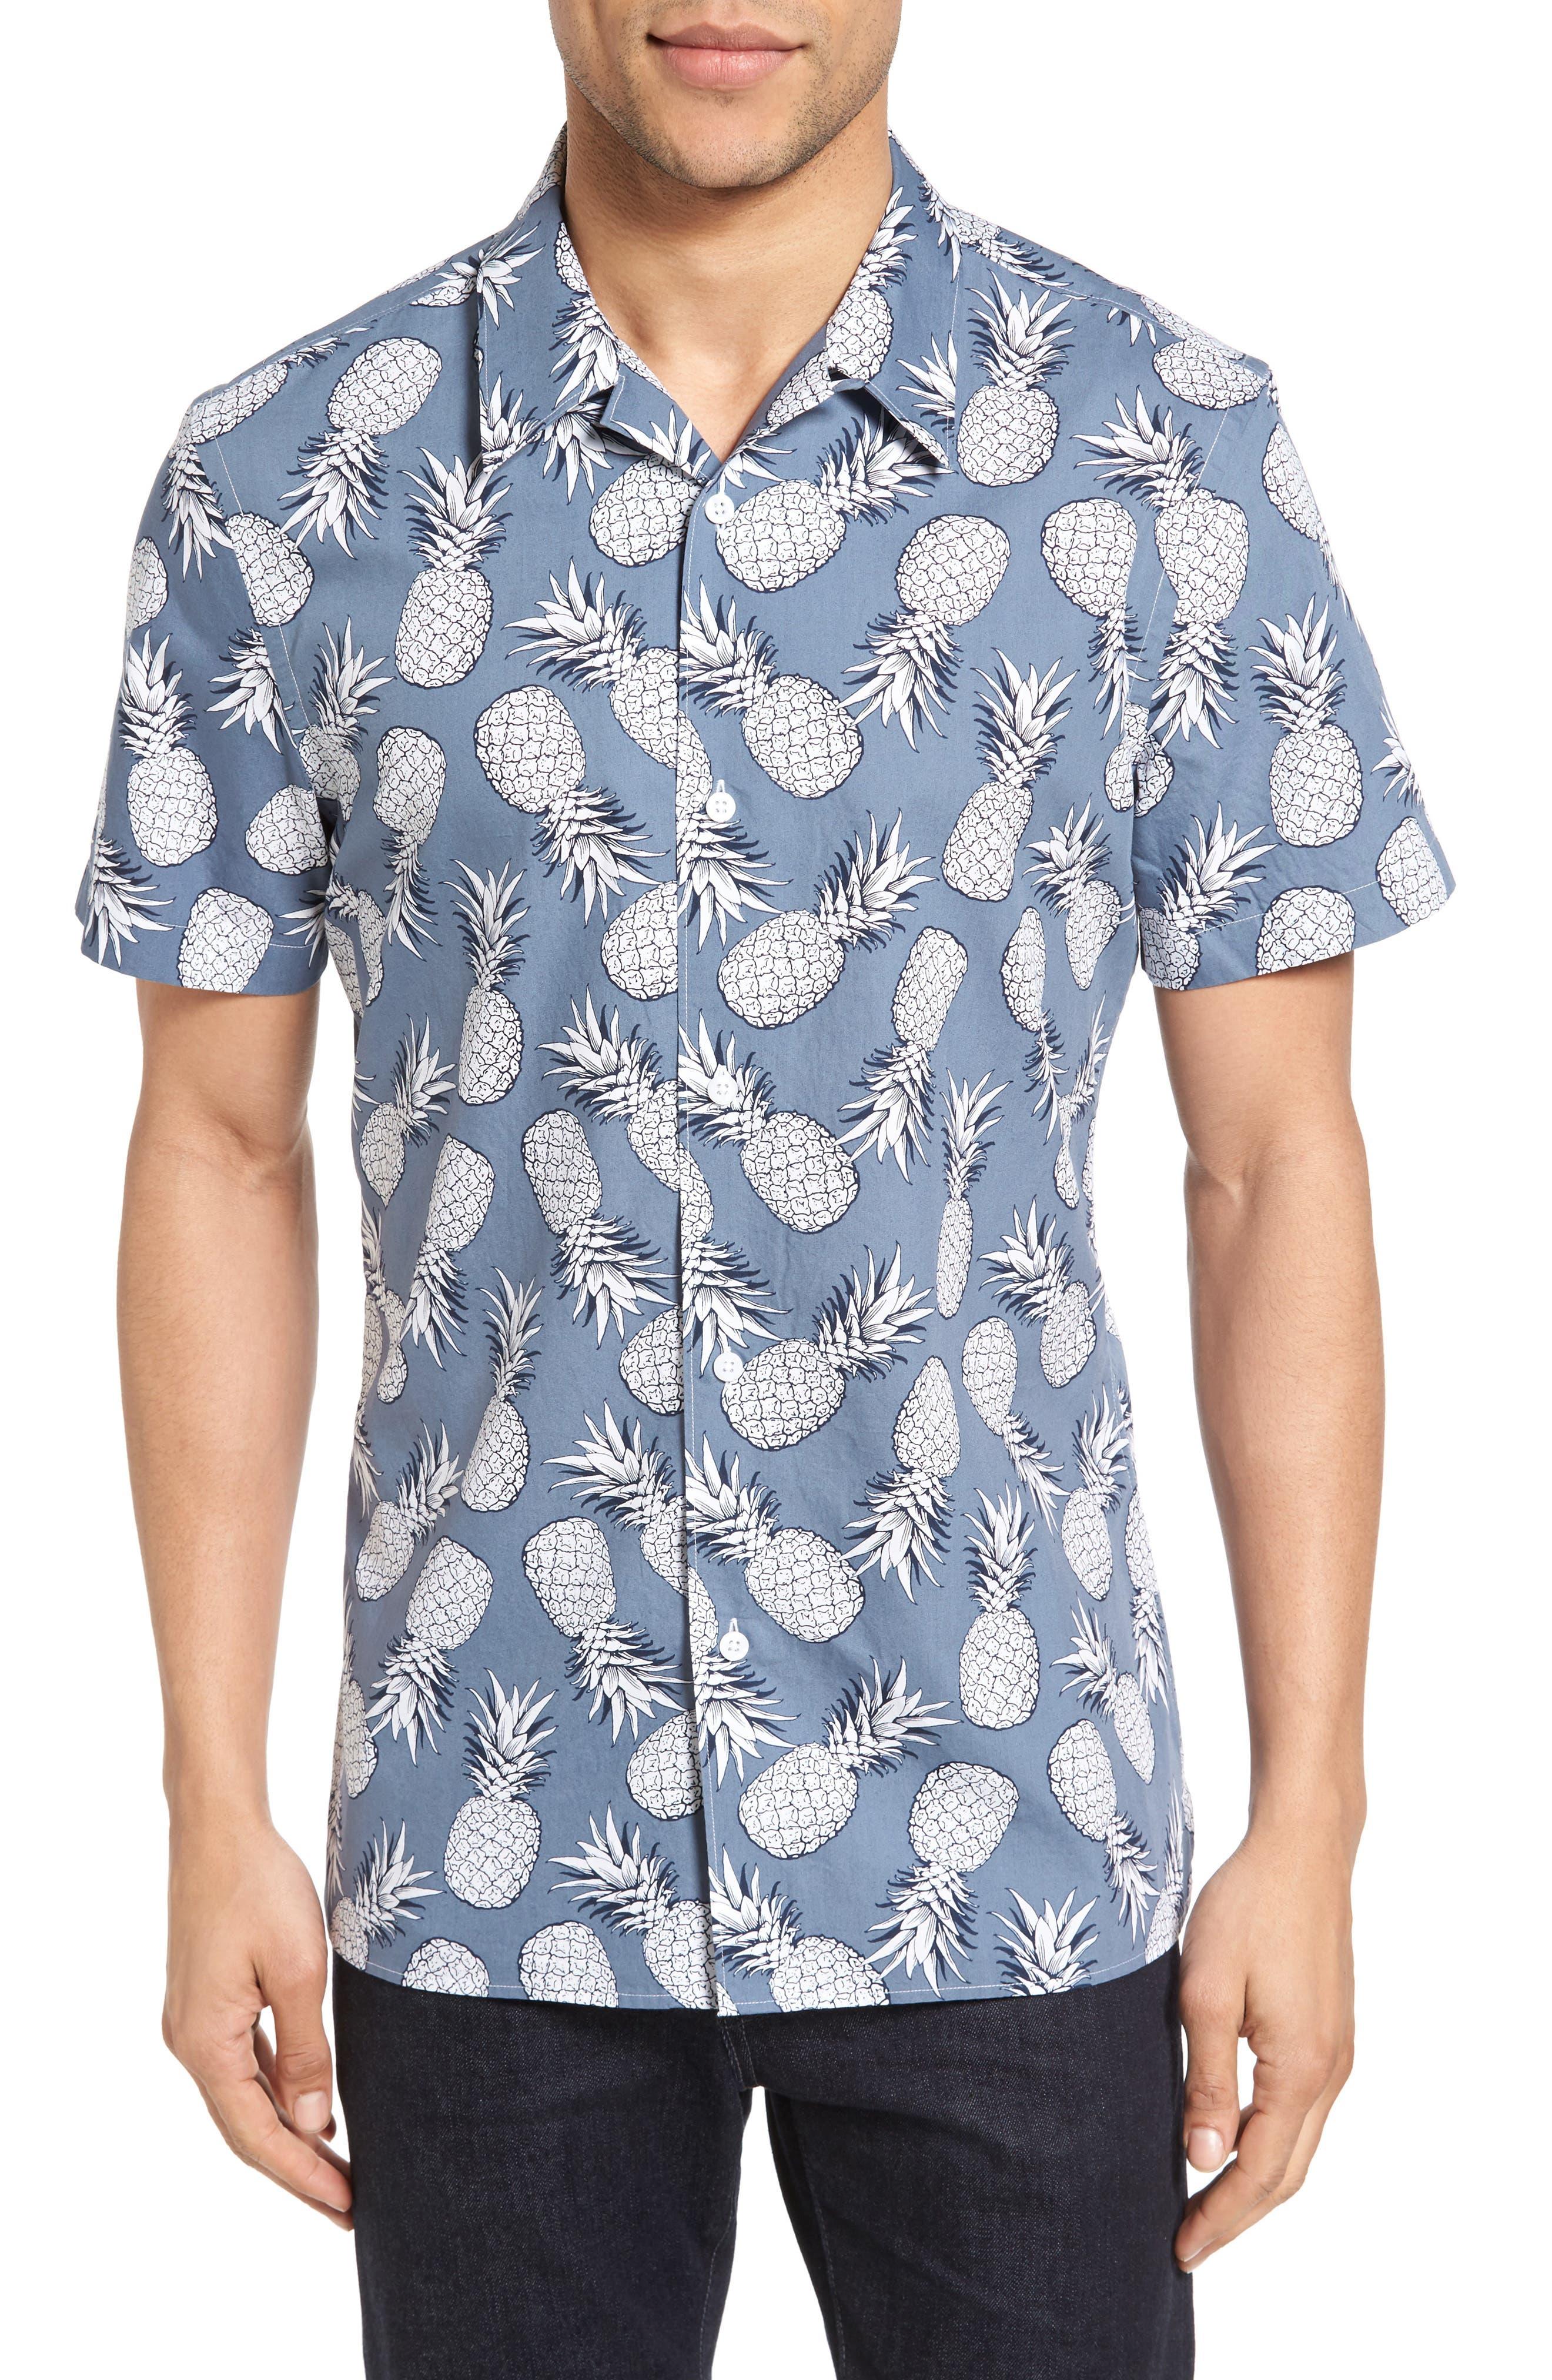 NORDSTROM MENS SHOP Slim Fit Pineapple Camp Shirt